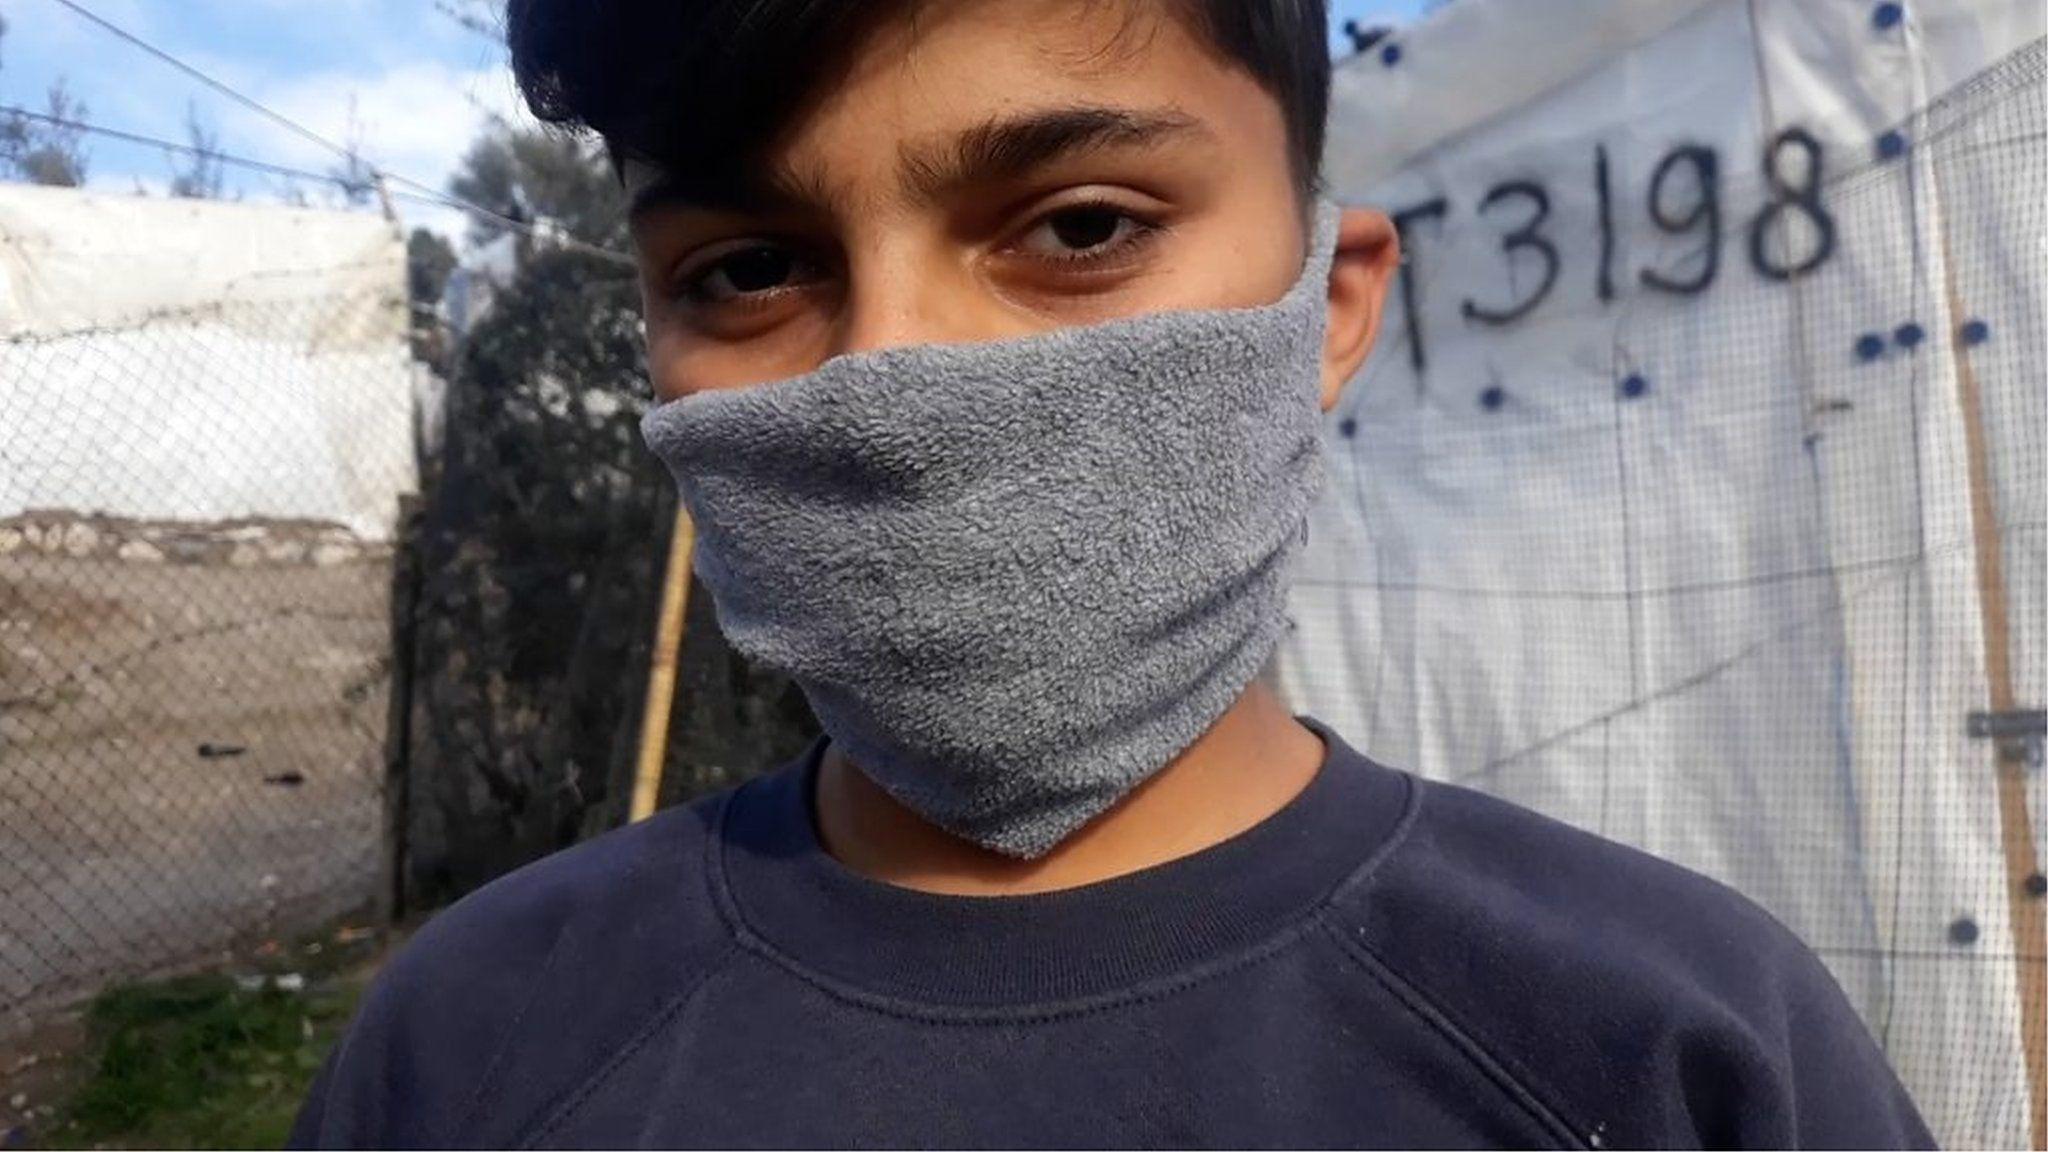 「手すら洗えない」難民キャンプ 新型ウイルス感染を防げるか